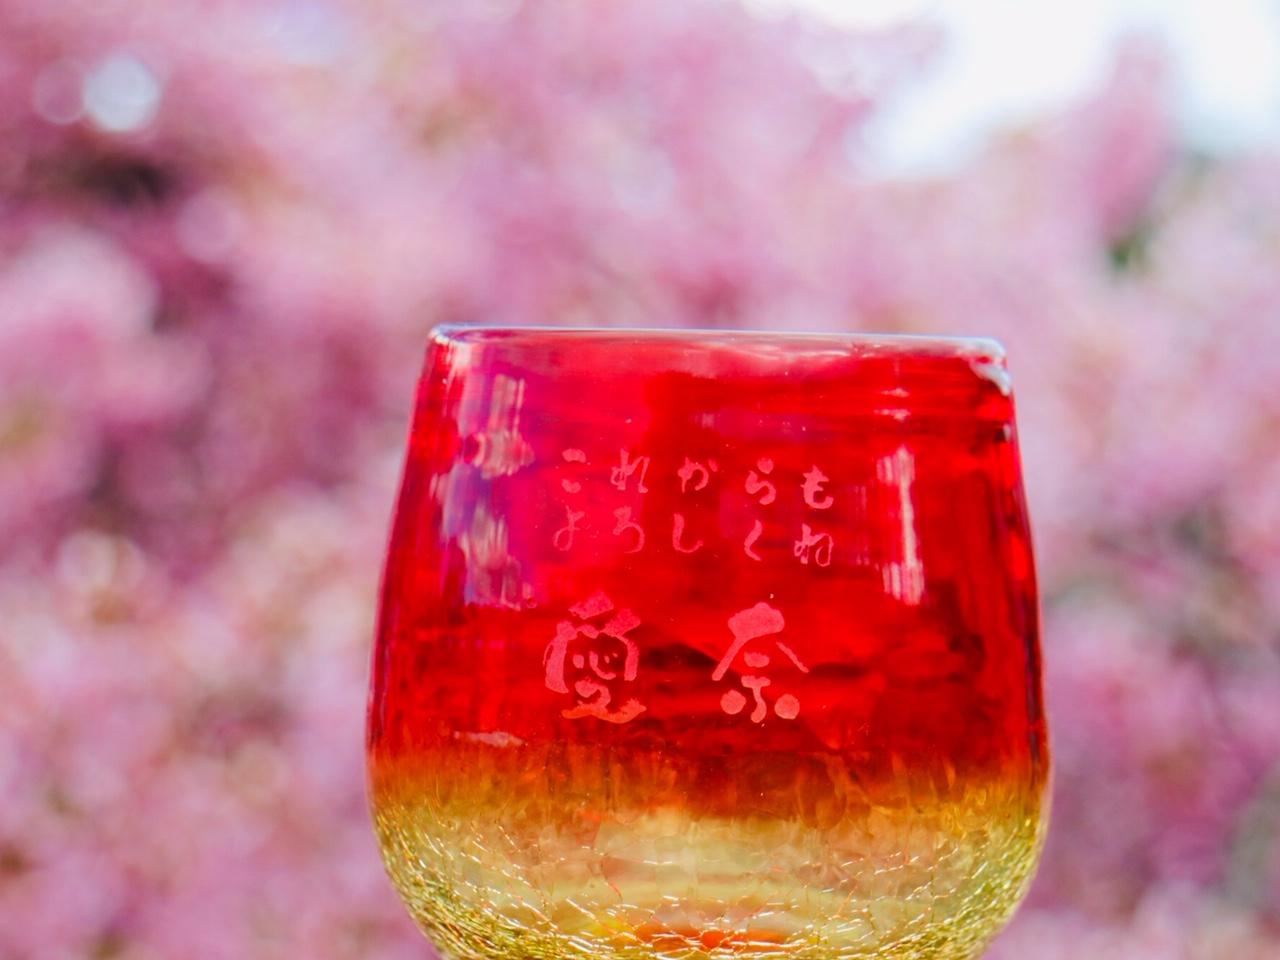 福島県なのに...なぜ琉球グラス?